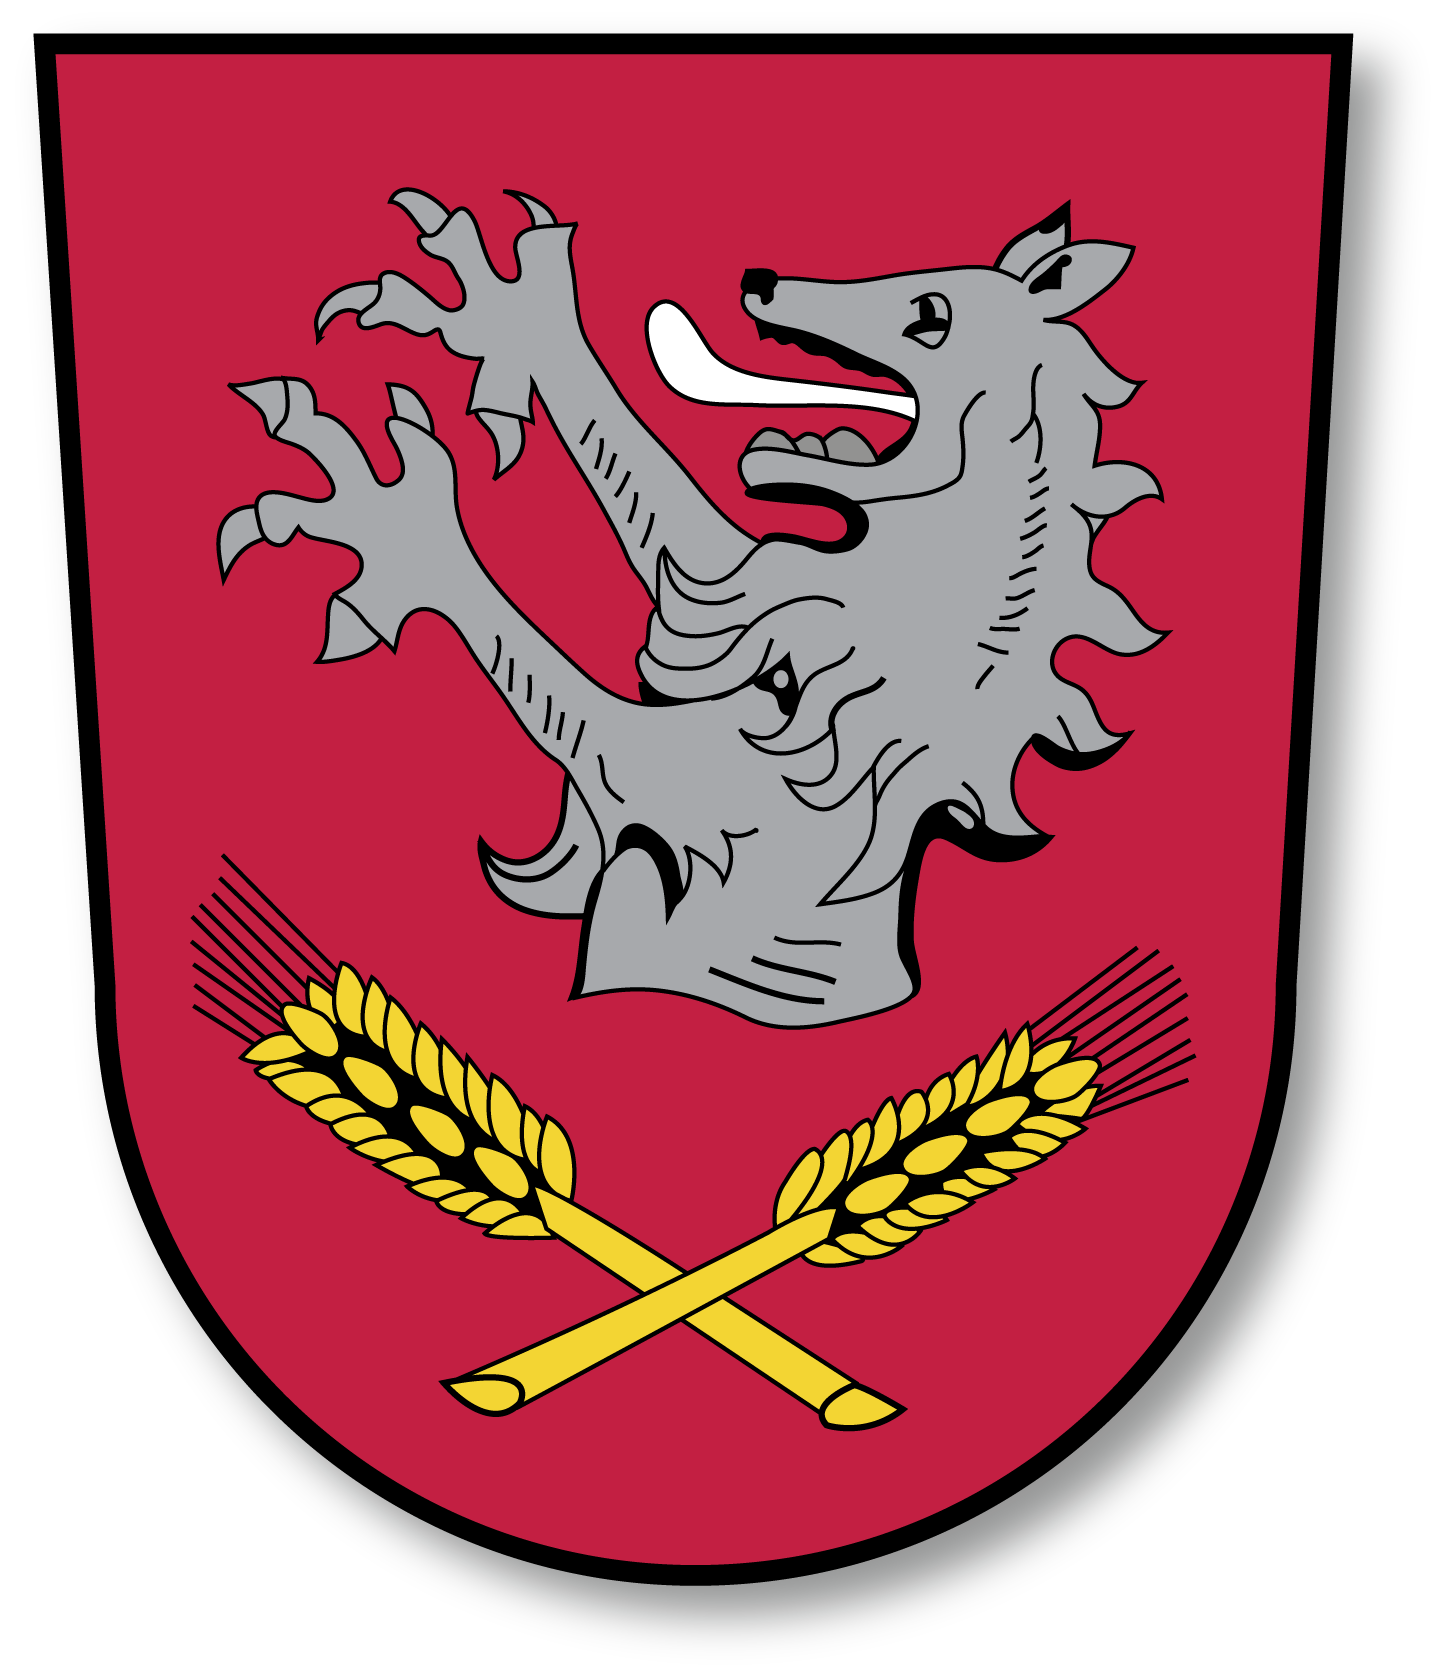 Wappen Gerolsbach